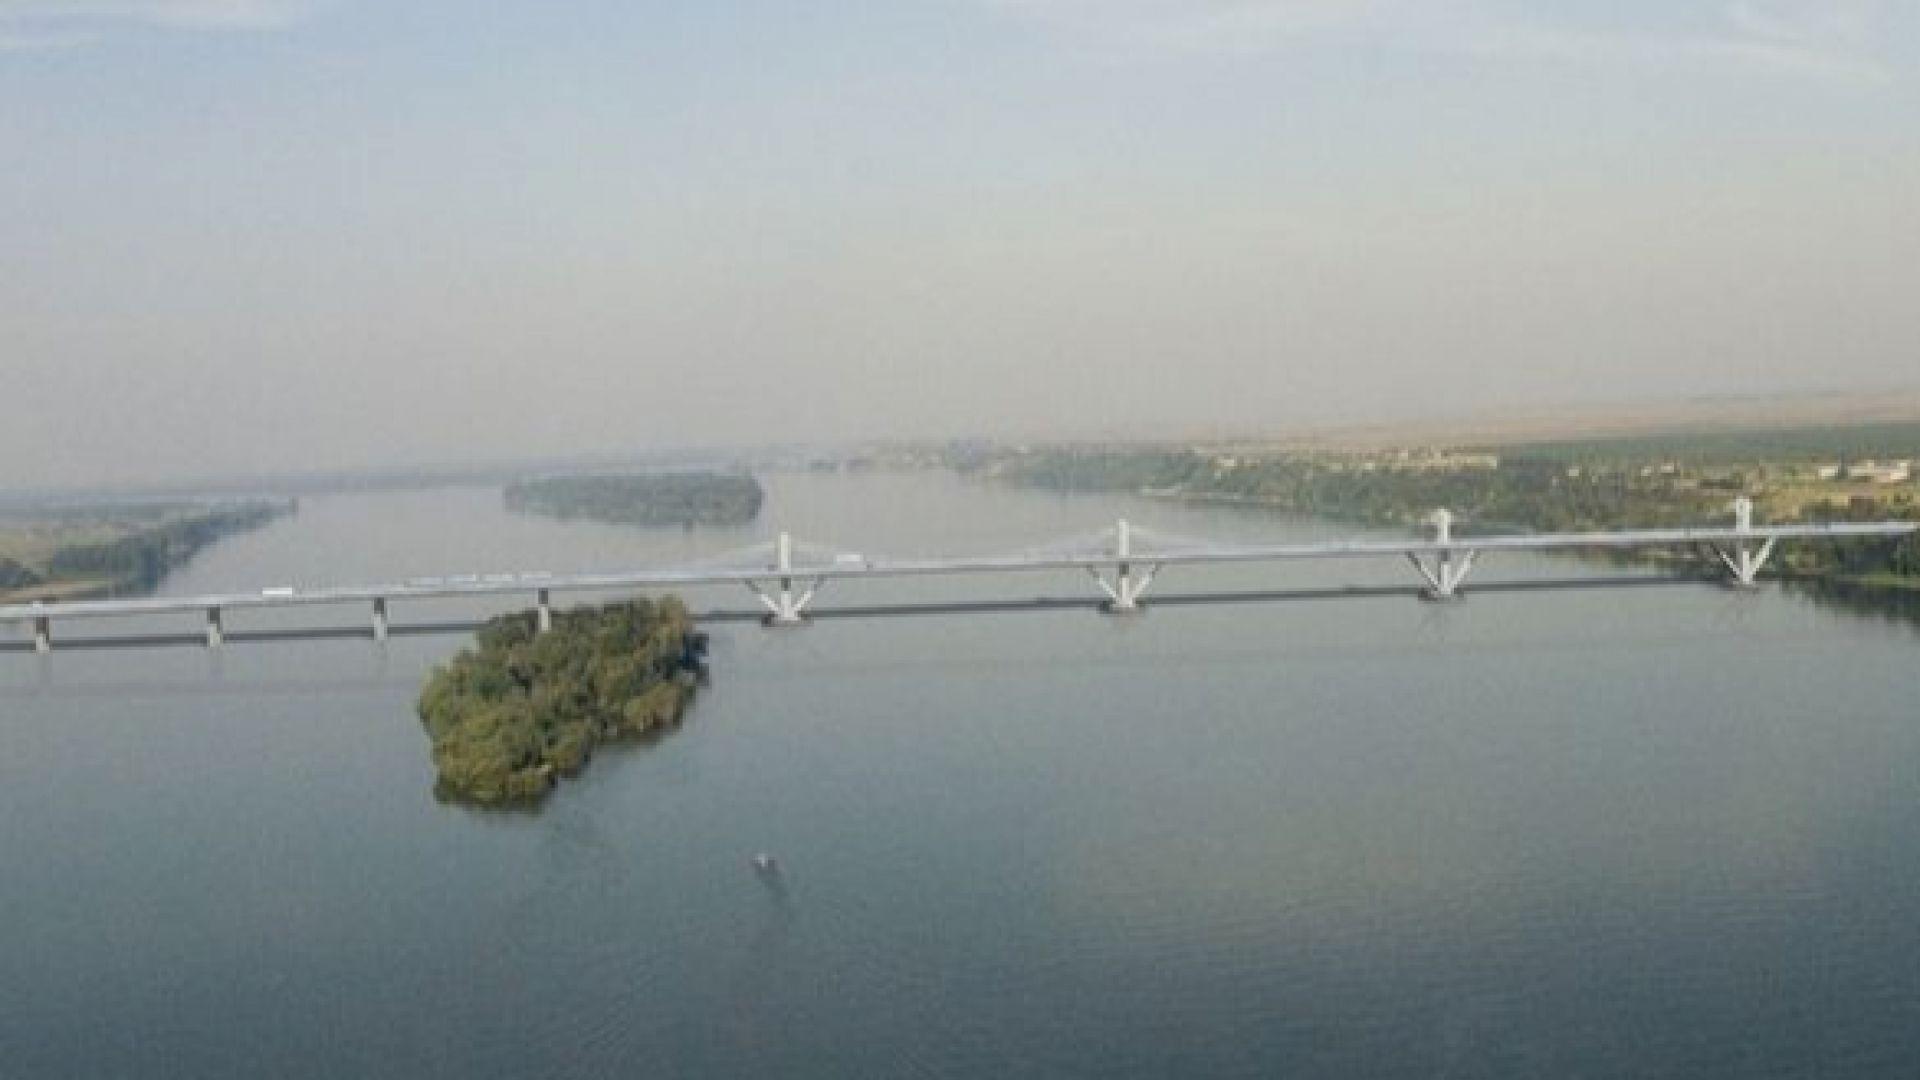 Сложиха на Дунав мост 2 камери, ще следят за винетки